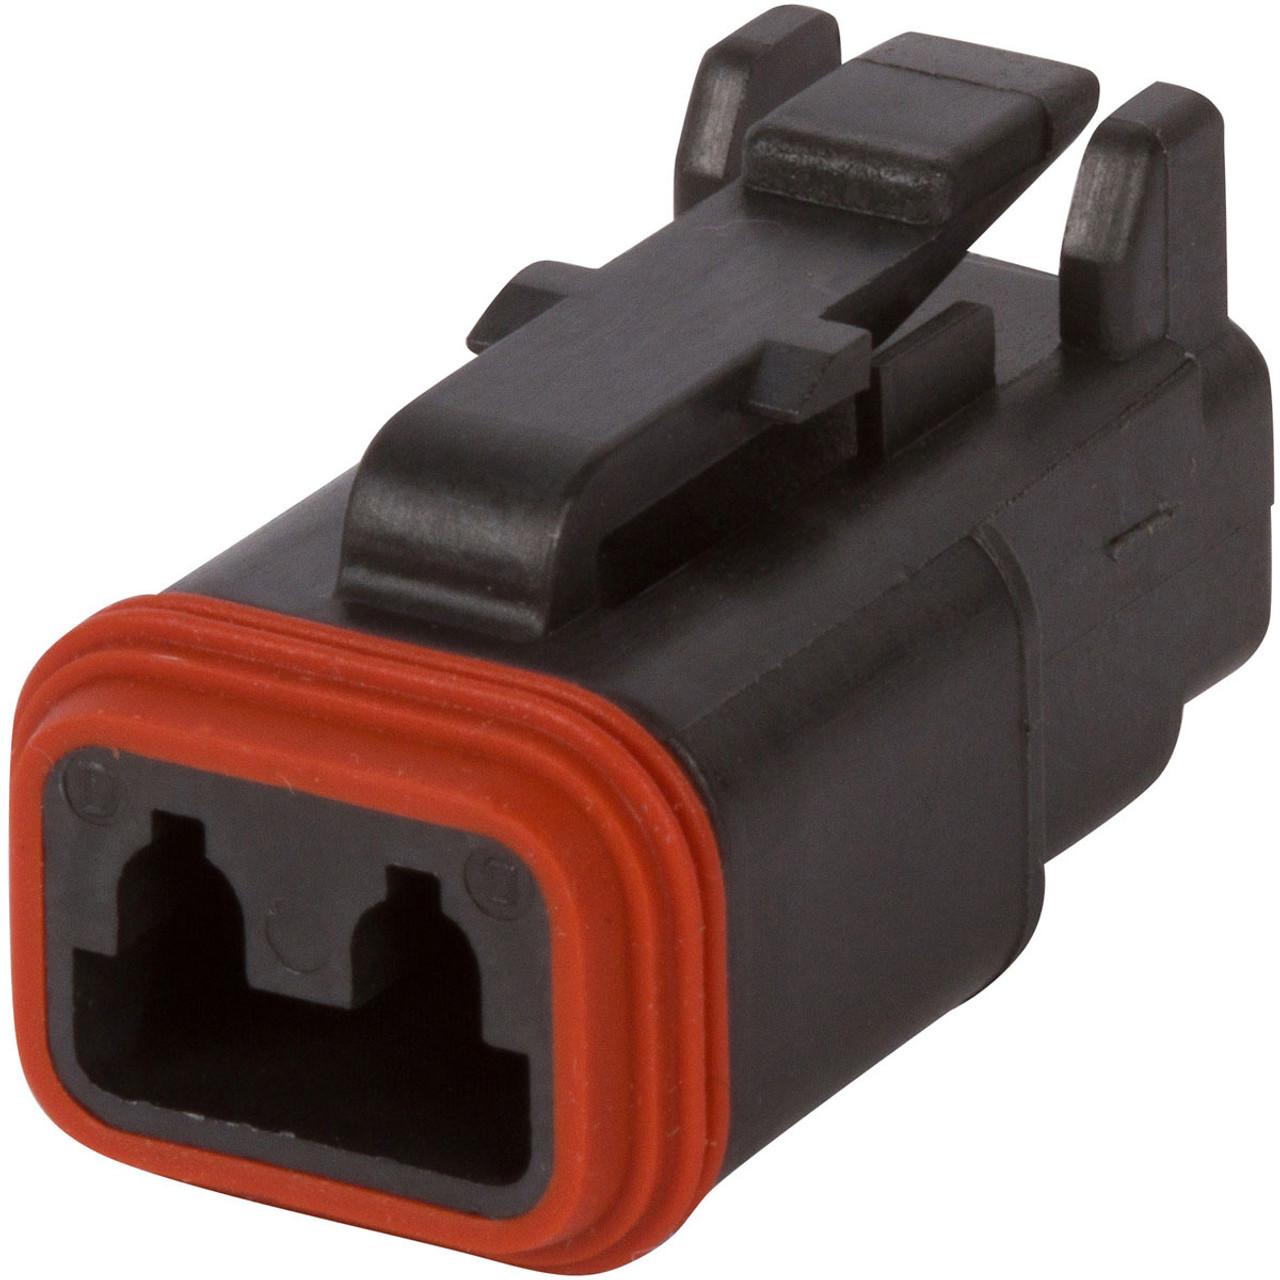 Automotive Connectors Cable Cavity Plug Dark RED 10 Pieces